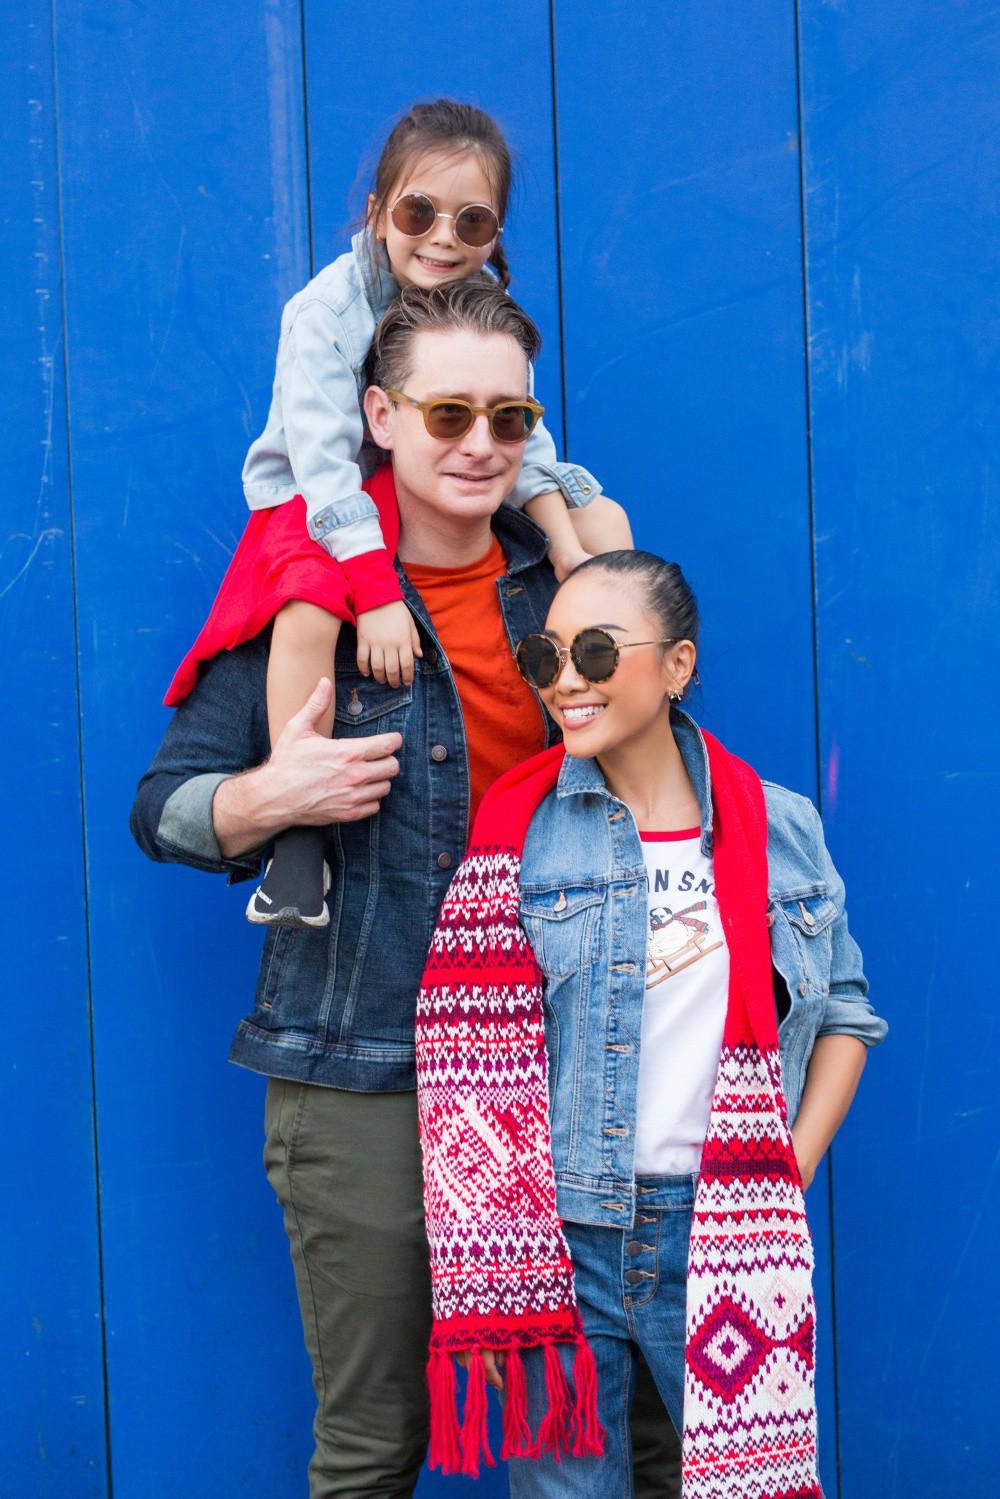 """Con gái Đoan Trang mới 4 tuổi đã ra dáng fashionista nhí, cùng bố mẹ thực hiện bộ ảnh mới cực """"chất"""" - Ảnh 9."""